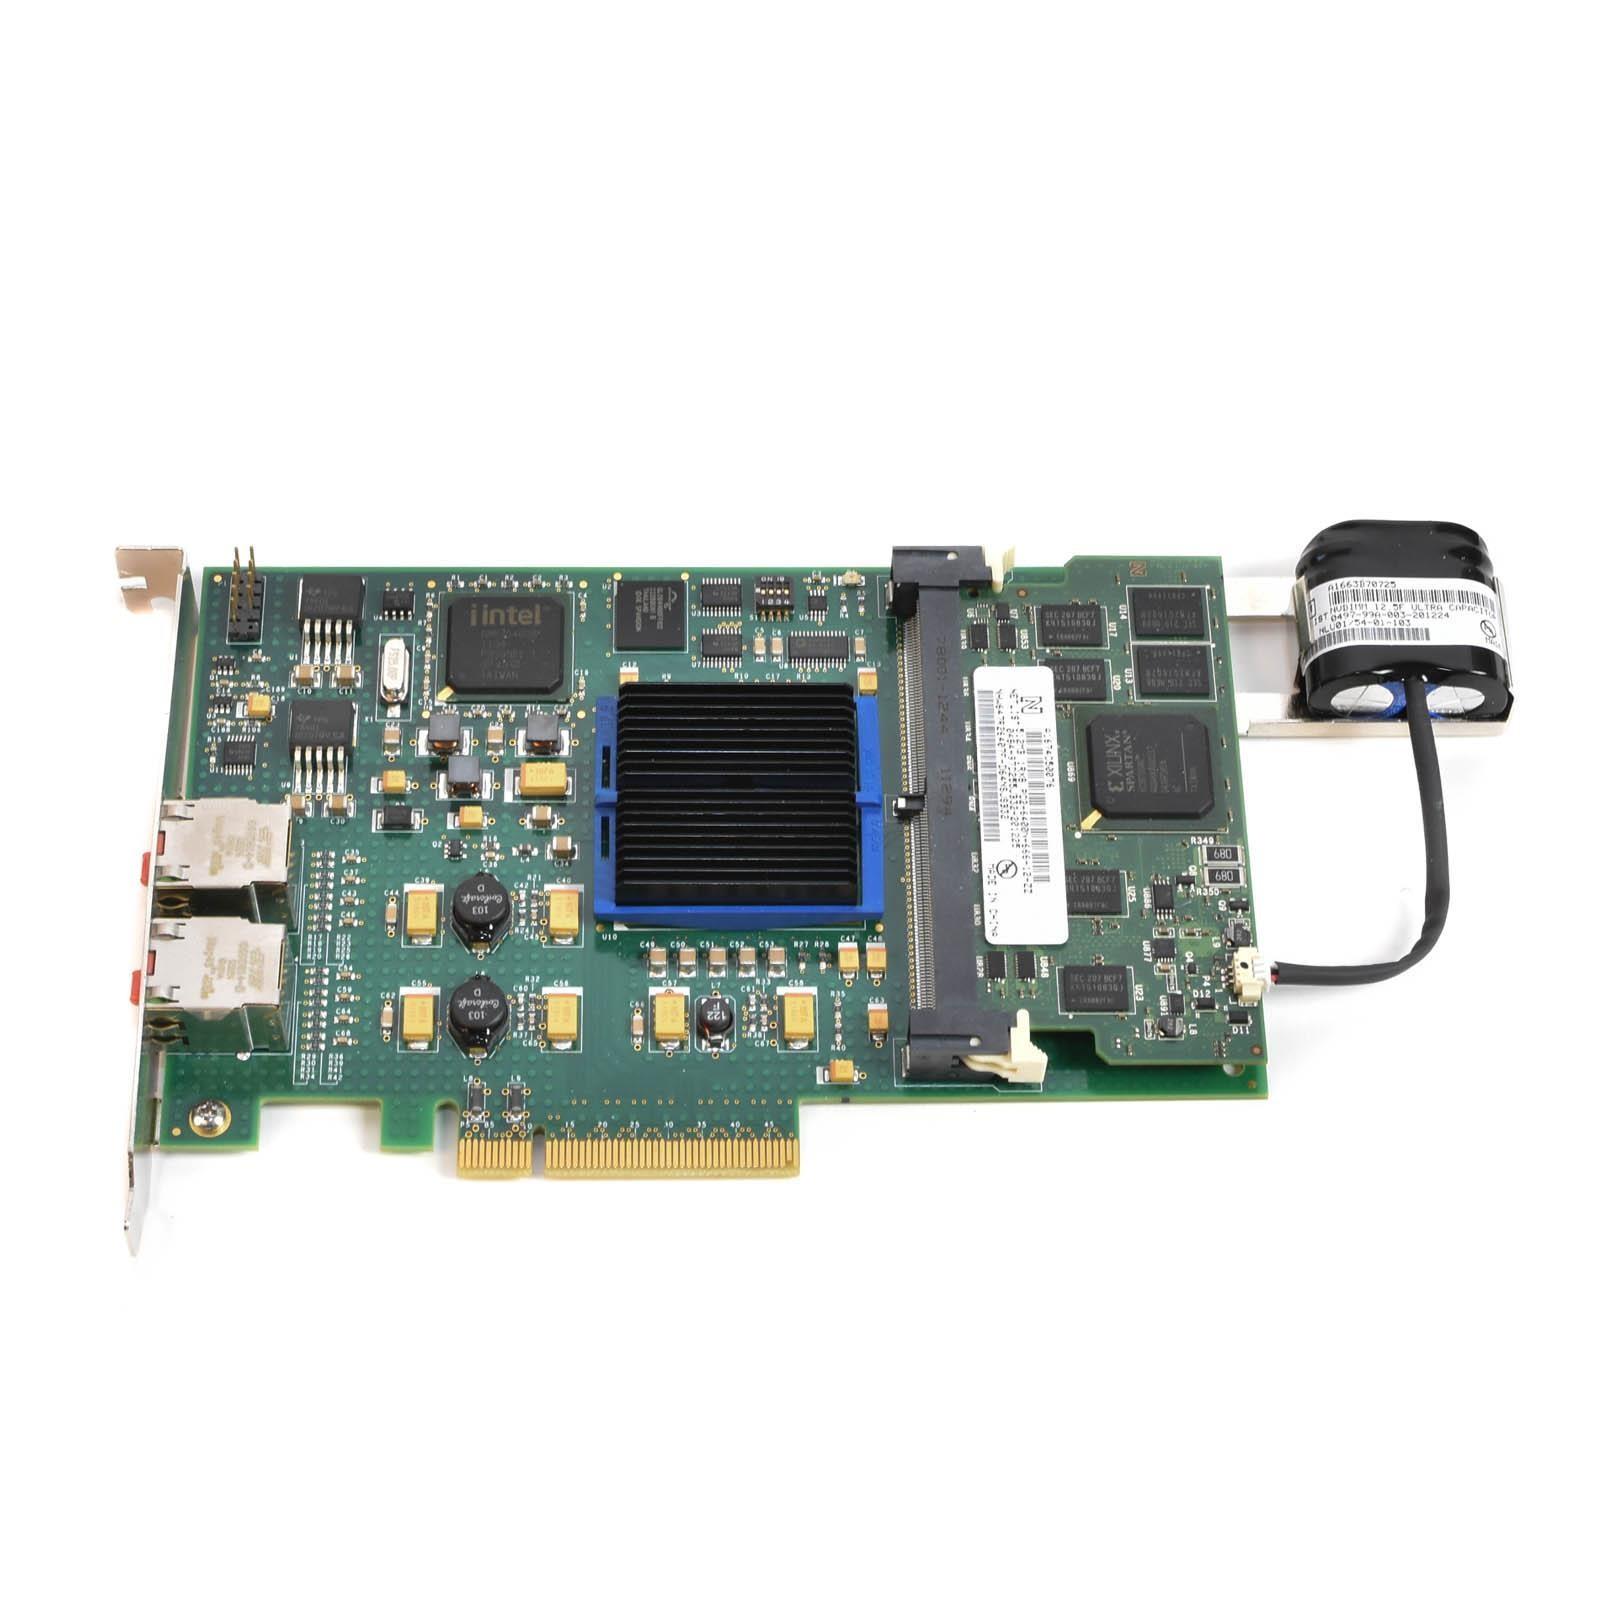 Dell DV94N Compellent SC8000 PCI-E RAID Controller Card w